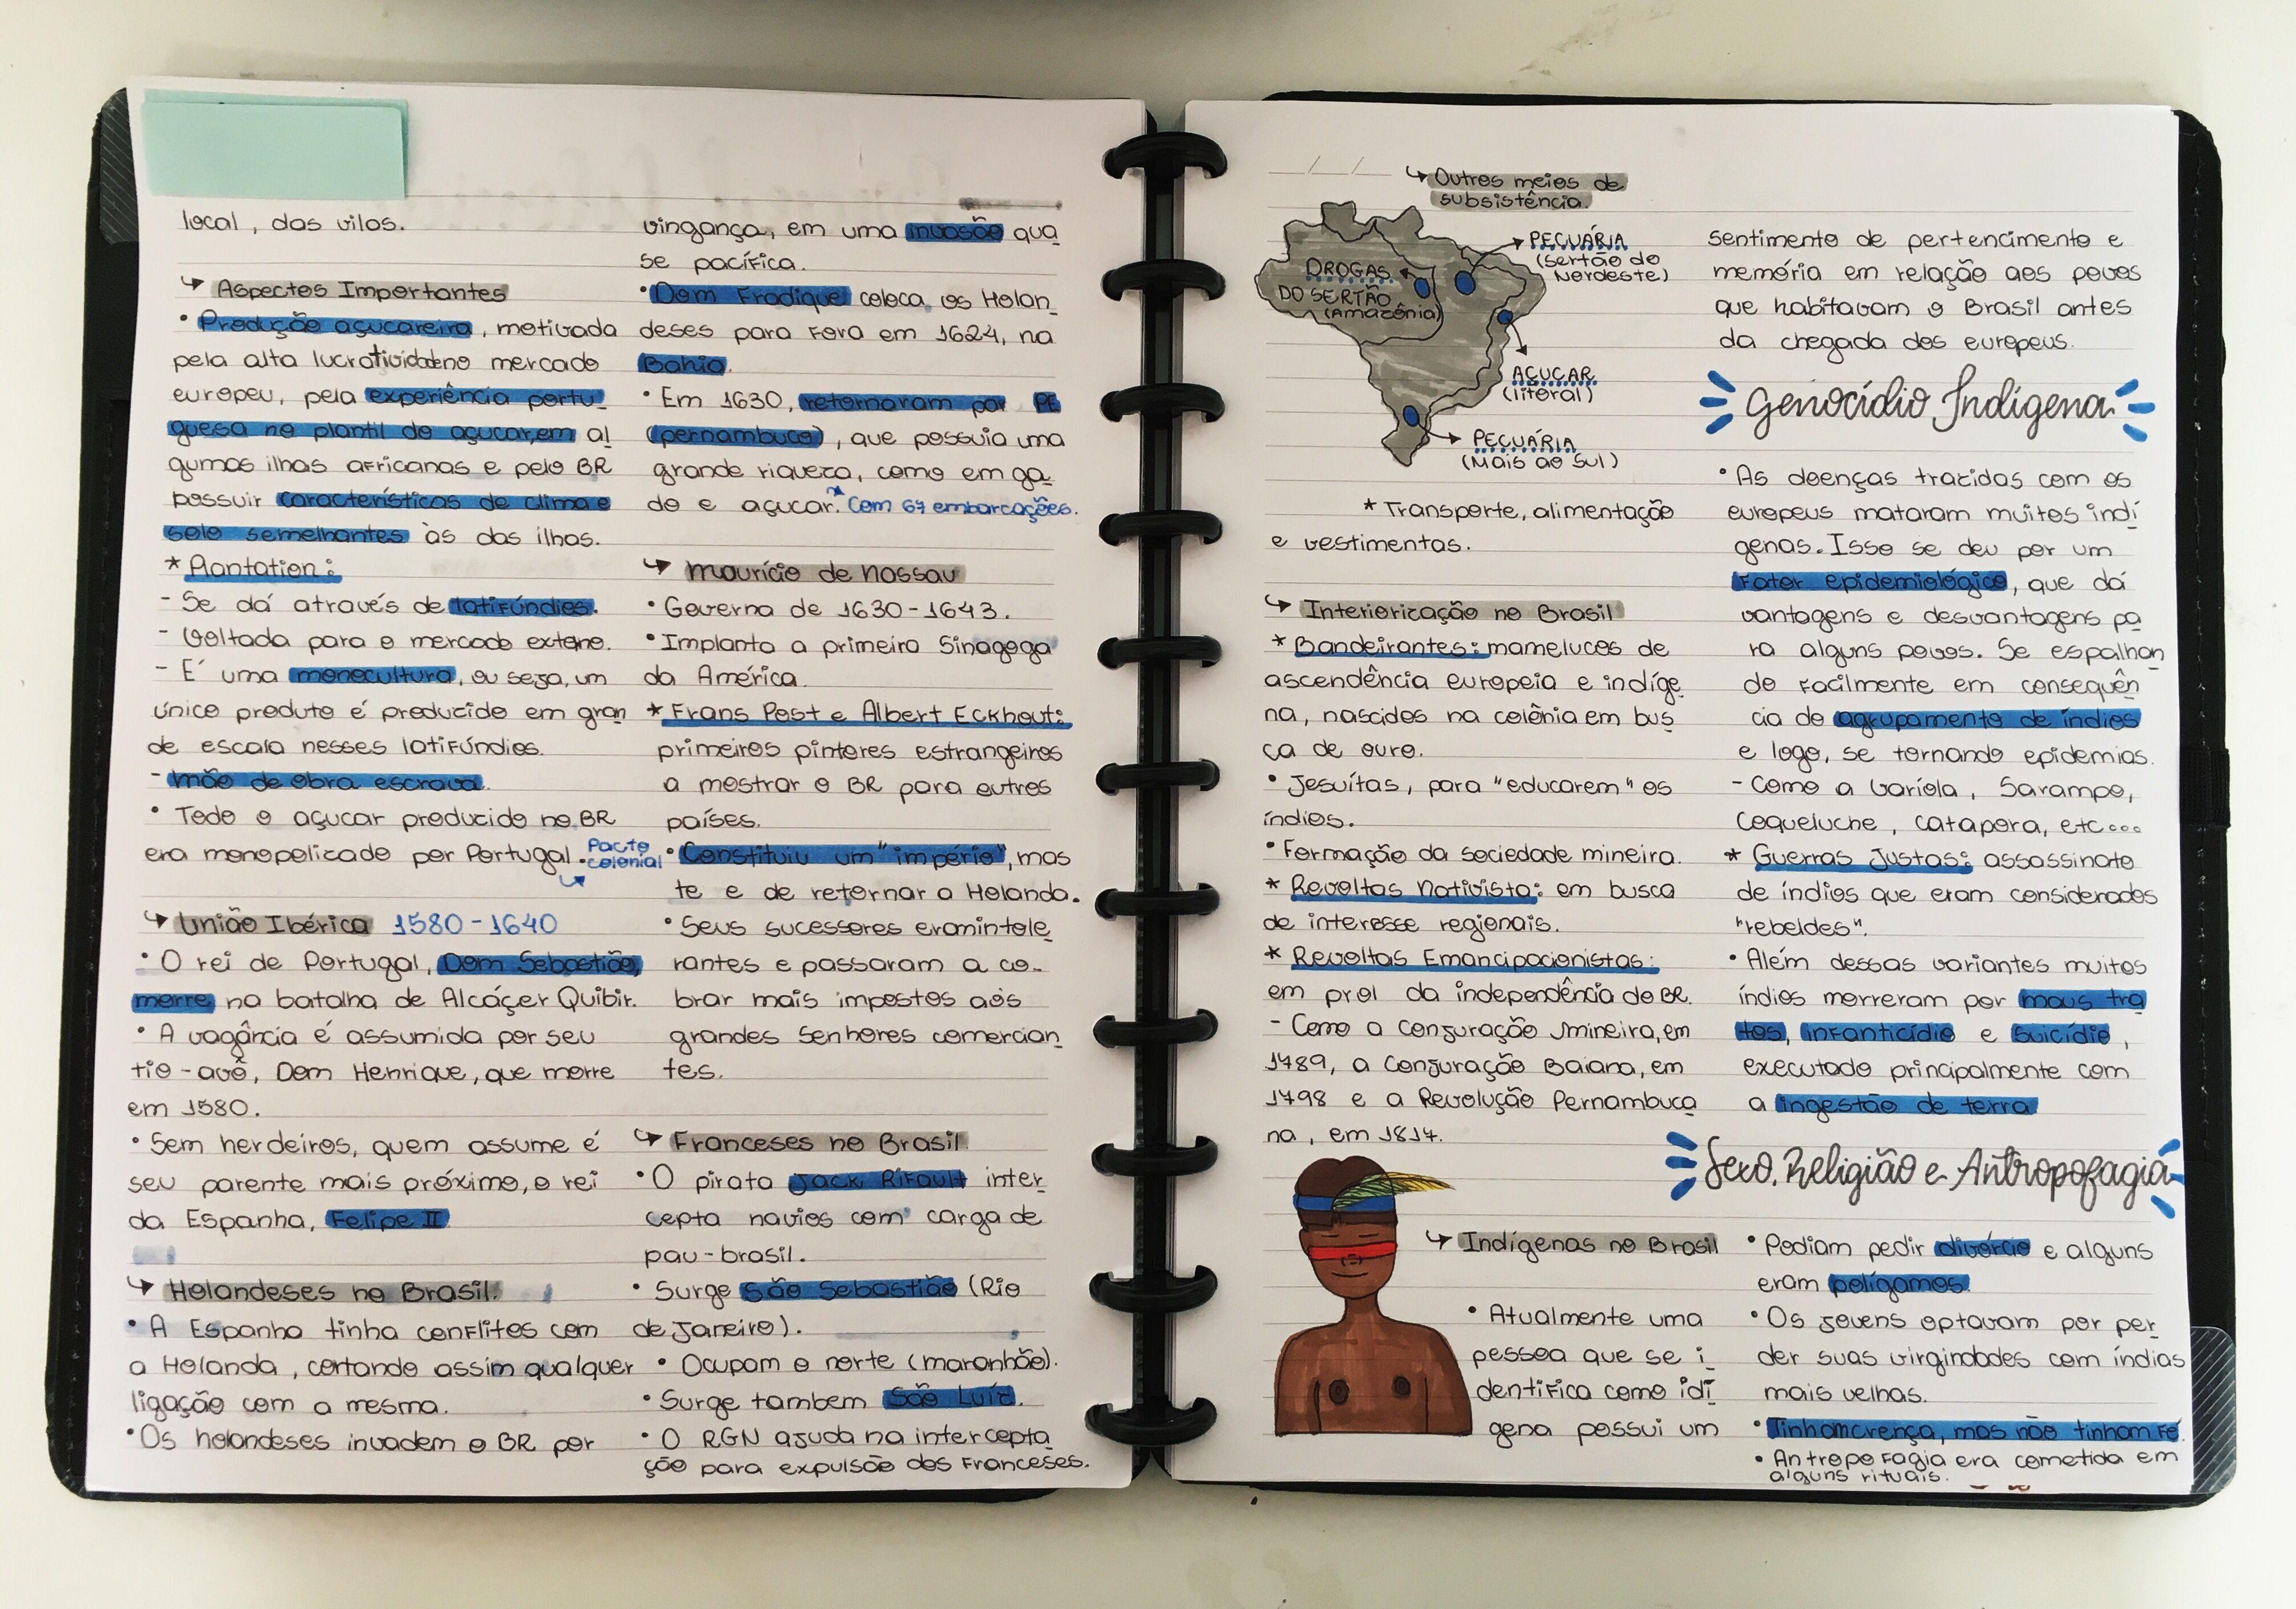 Aspectos Importantes, Plantation, União Ibérica